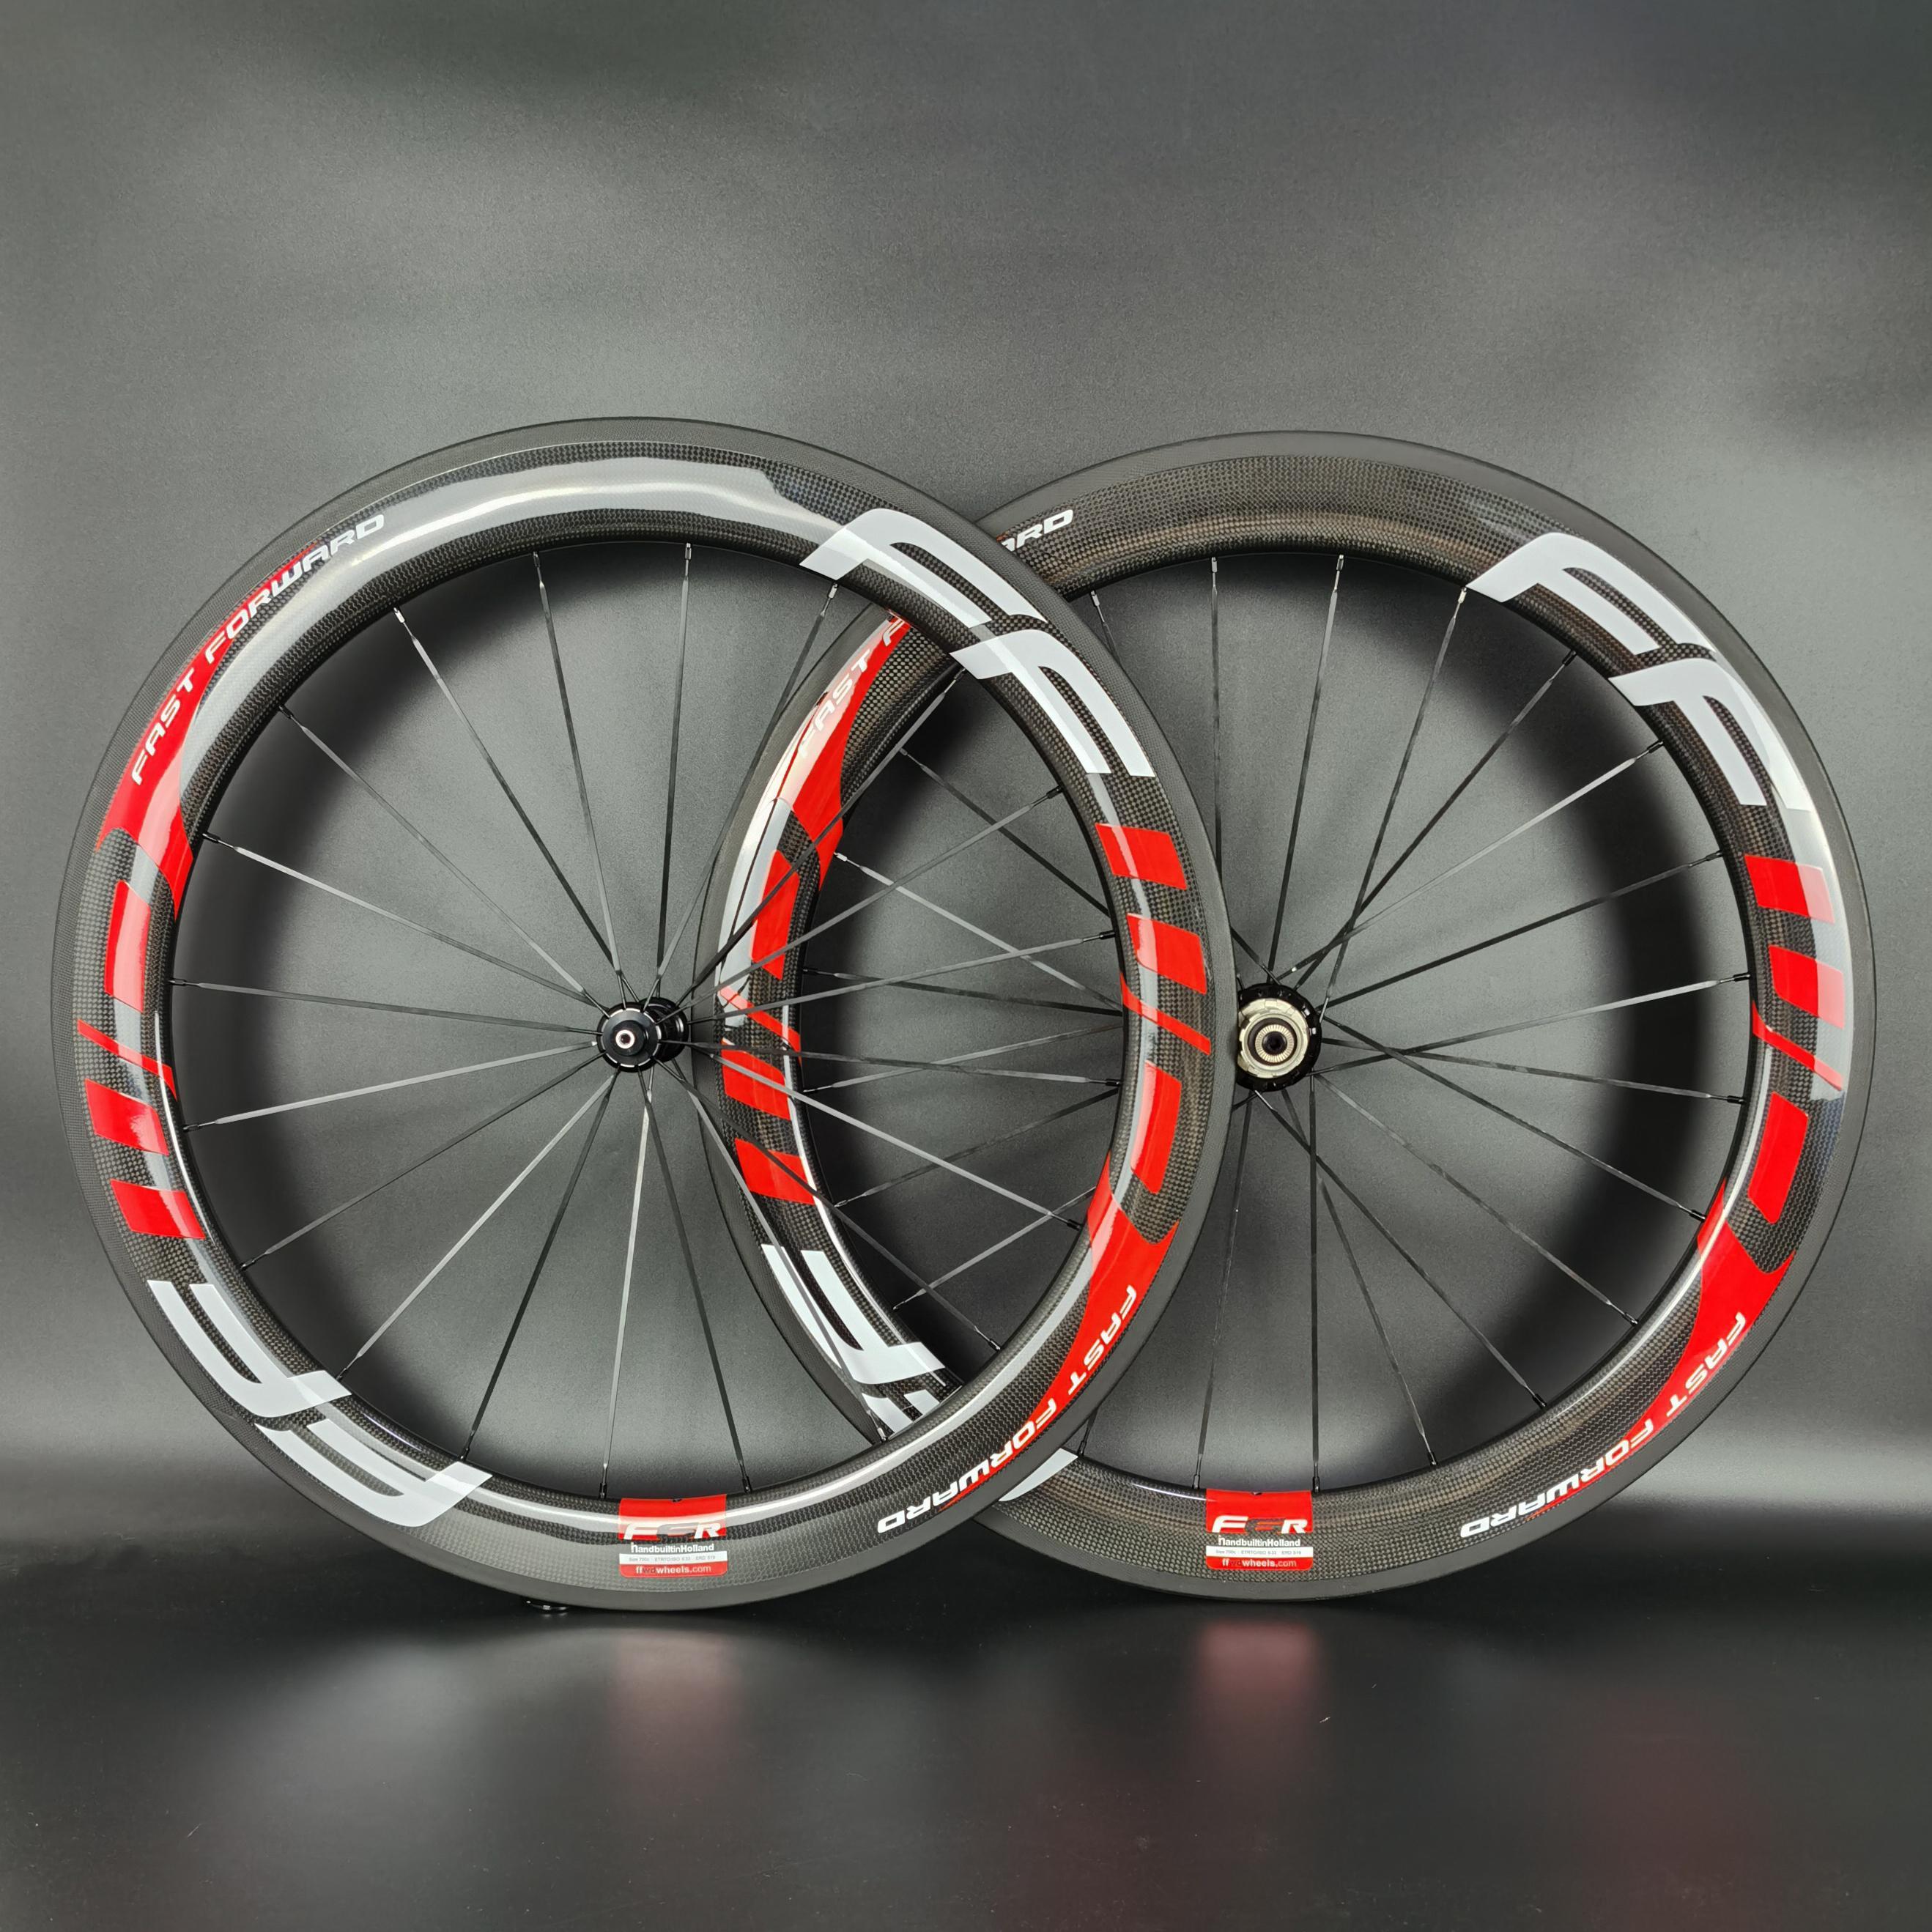 FFWD 700C Road Bike Light Wheels de Carbono 60mm Profundidade de 25mm Largura Calçadeira / Tubeless / Bicicleta Tubular Wheelset com acabamento brilhante 3K